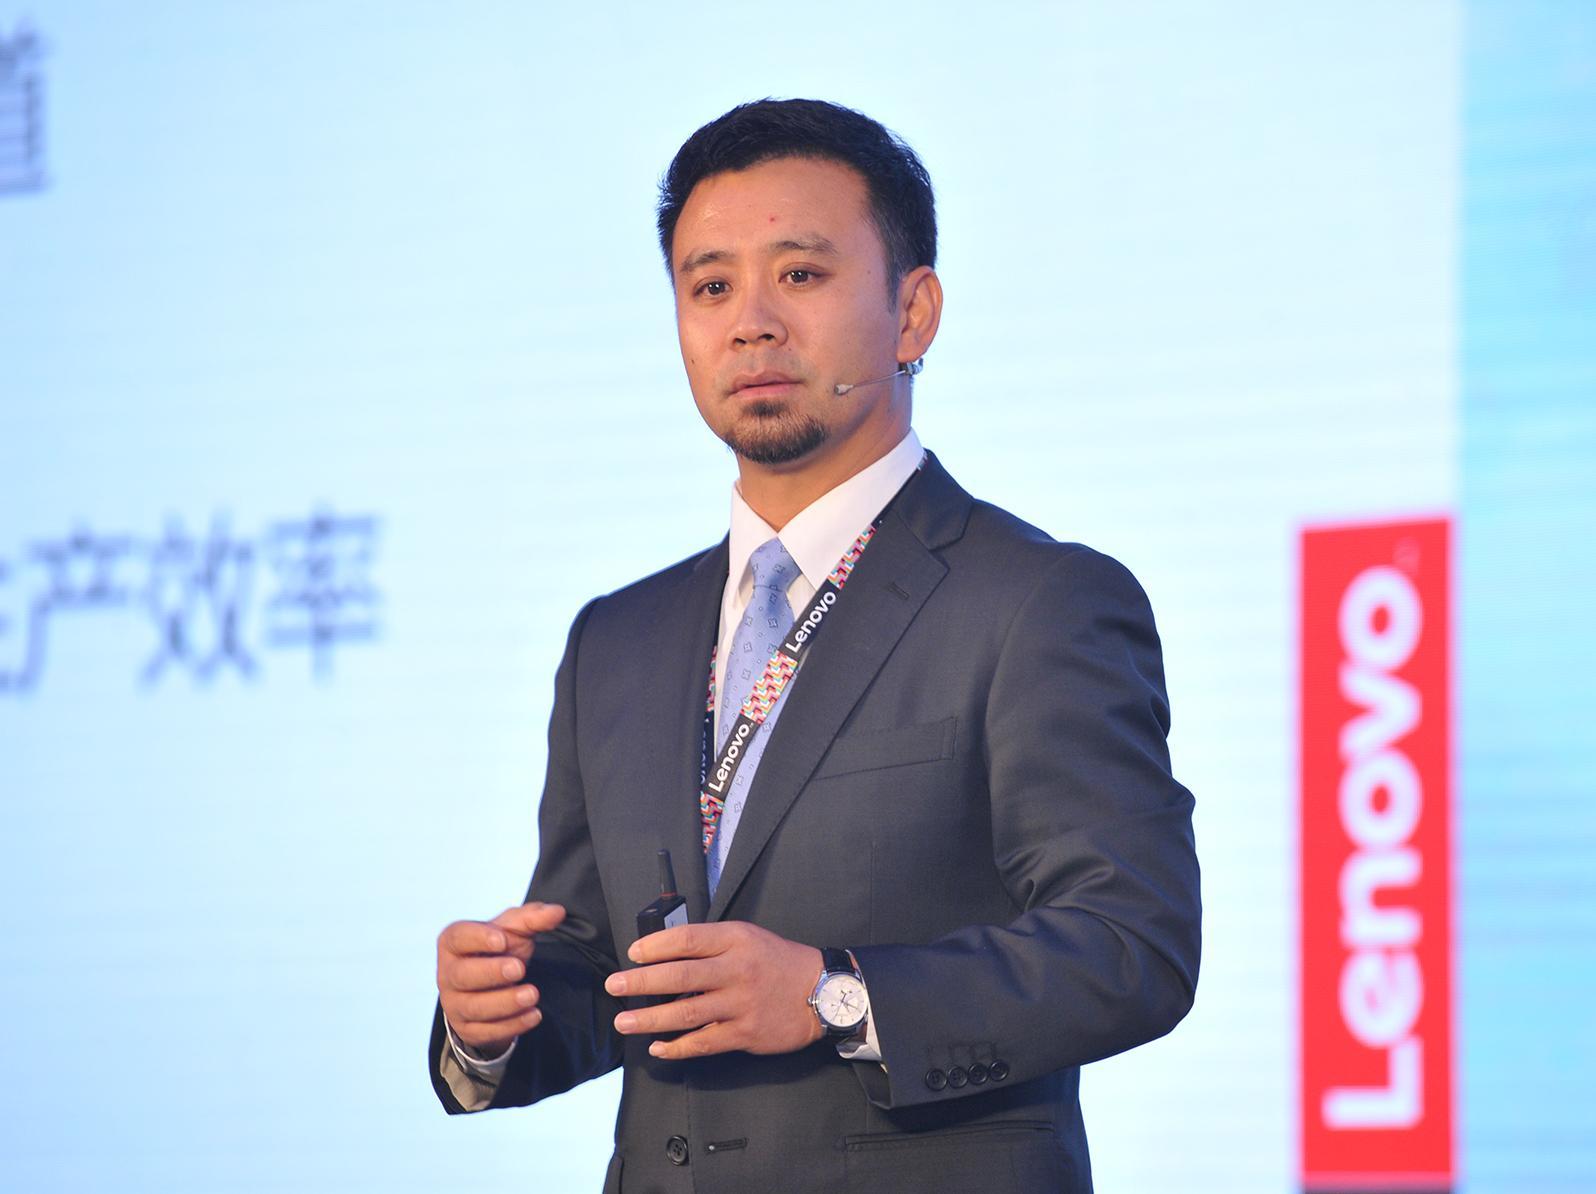 刘征:联想的数字化转型思考